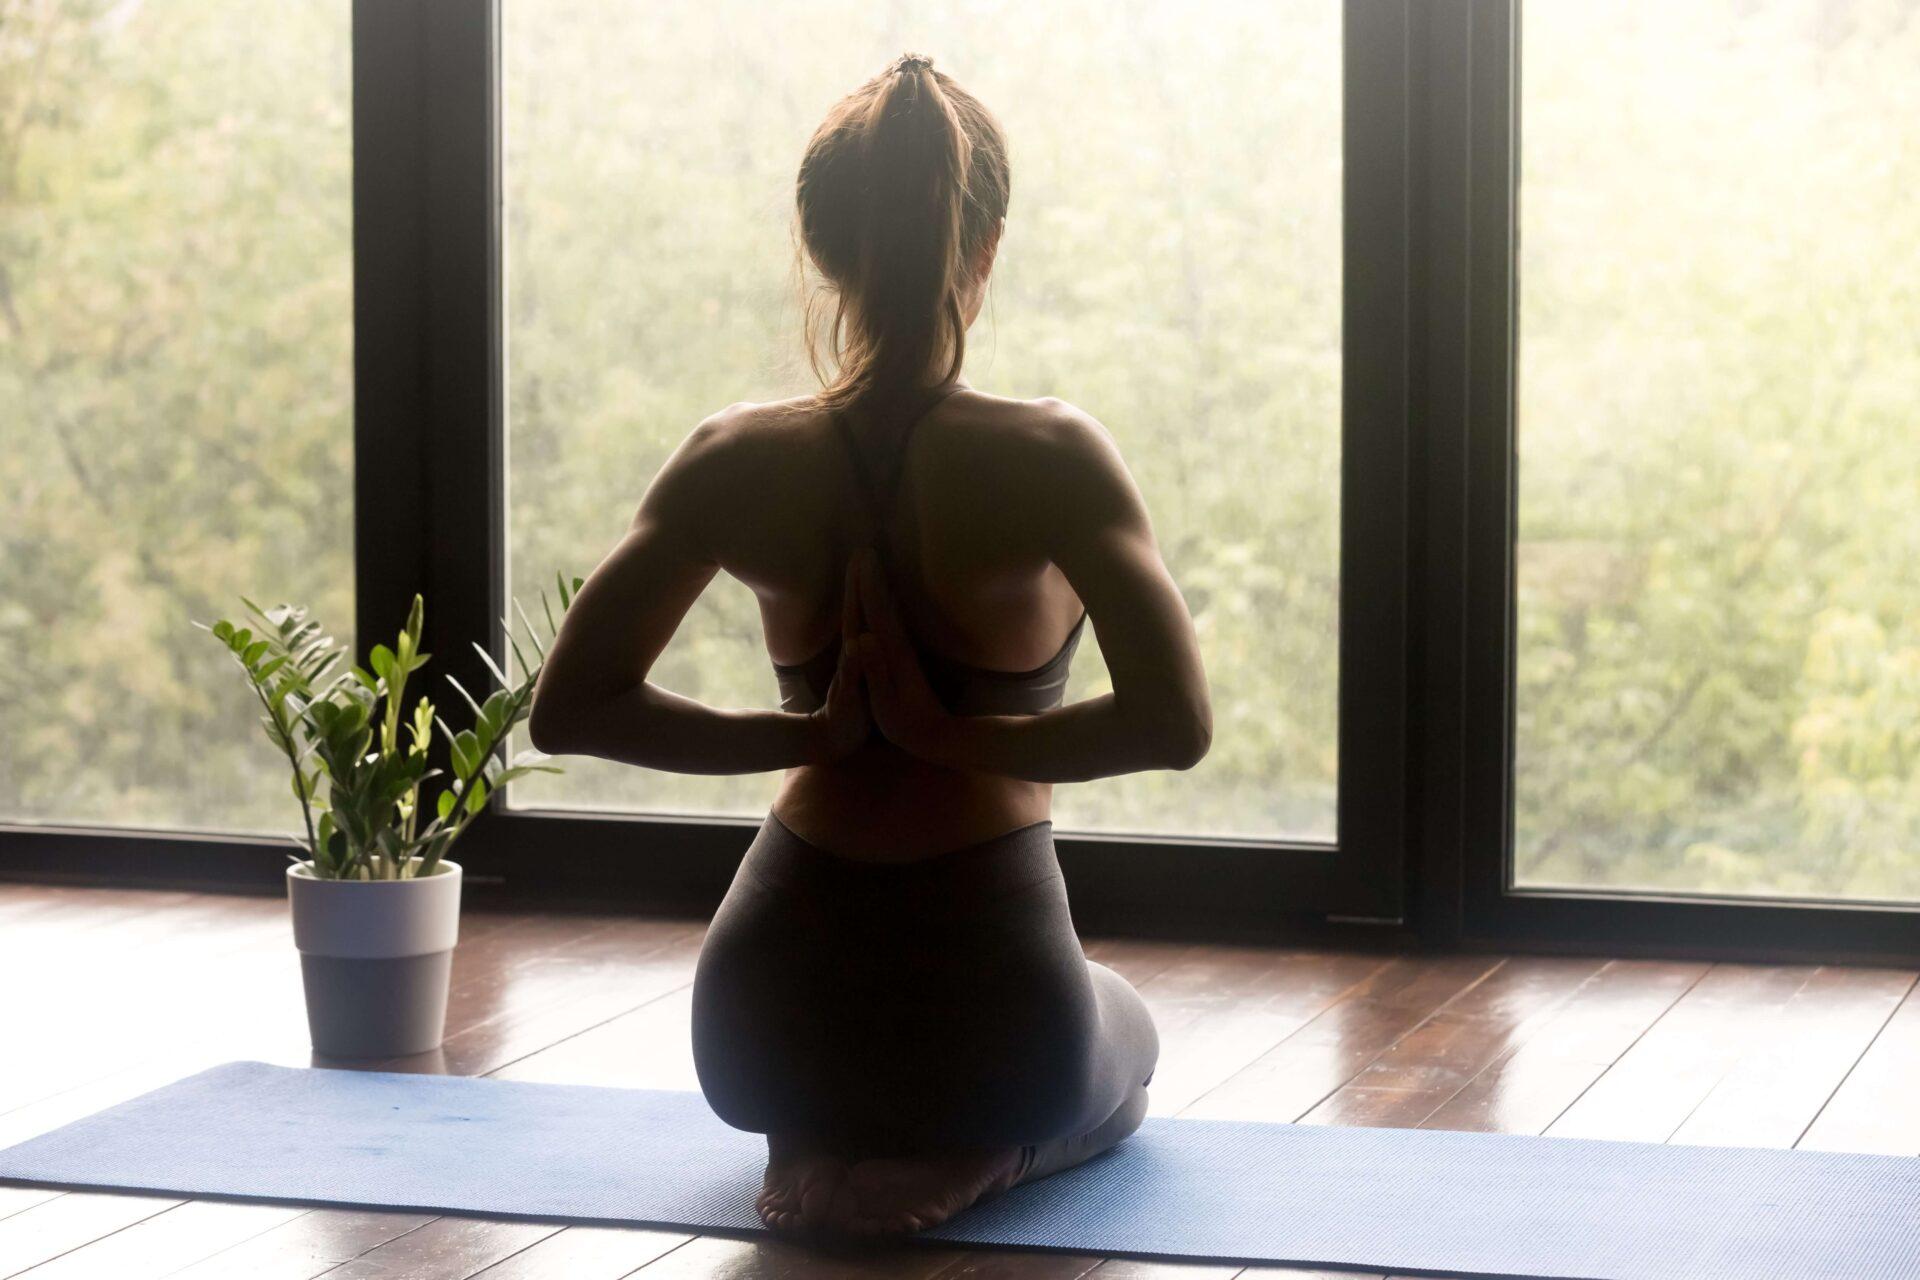 adelgazar practicando yoga